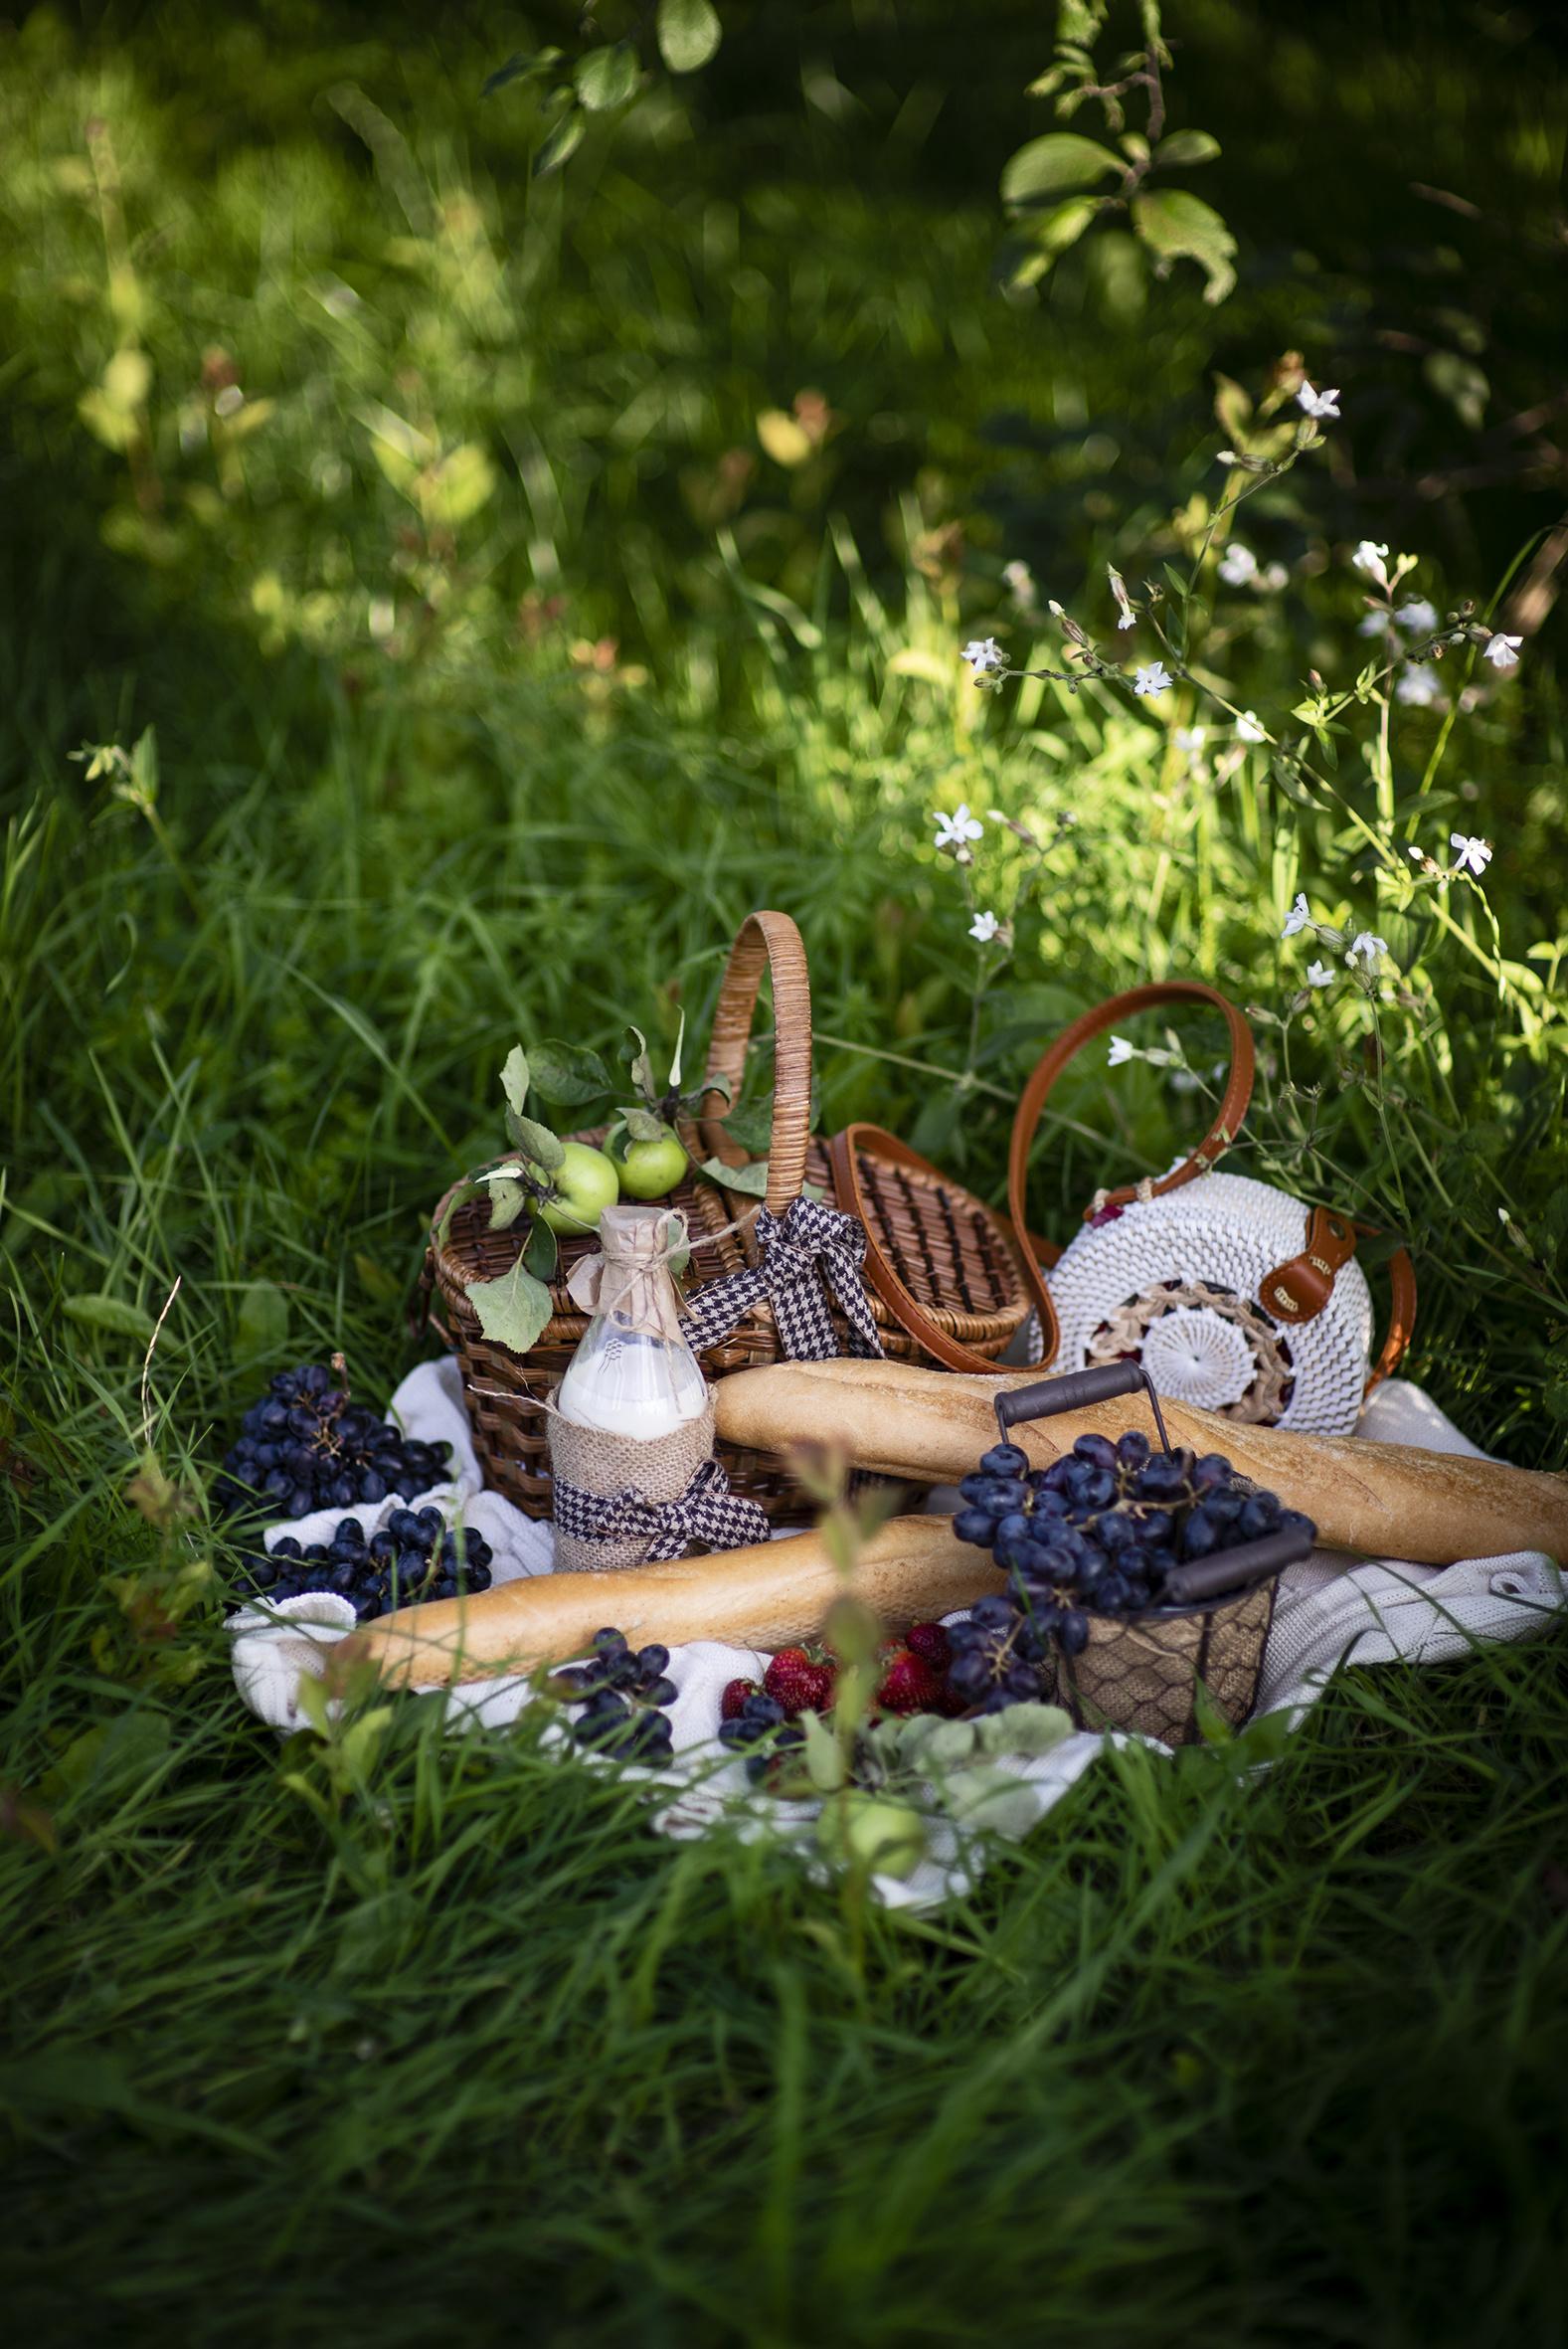 Обои для рабочего стола Молоко Пикник Хлеб Яблоки Корзина Виноград Пища бутылки  для мобильного телефона пикнике корзины Корзинка Еда Бутылка Продукты питания